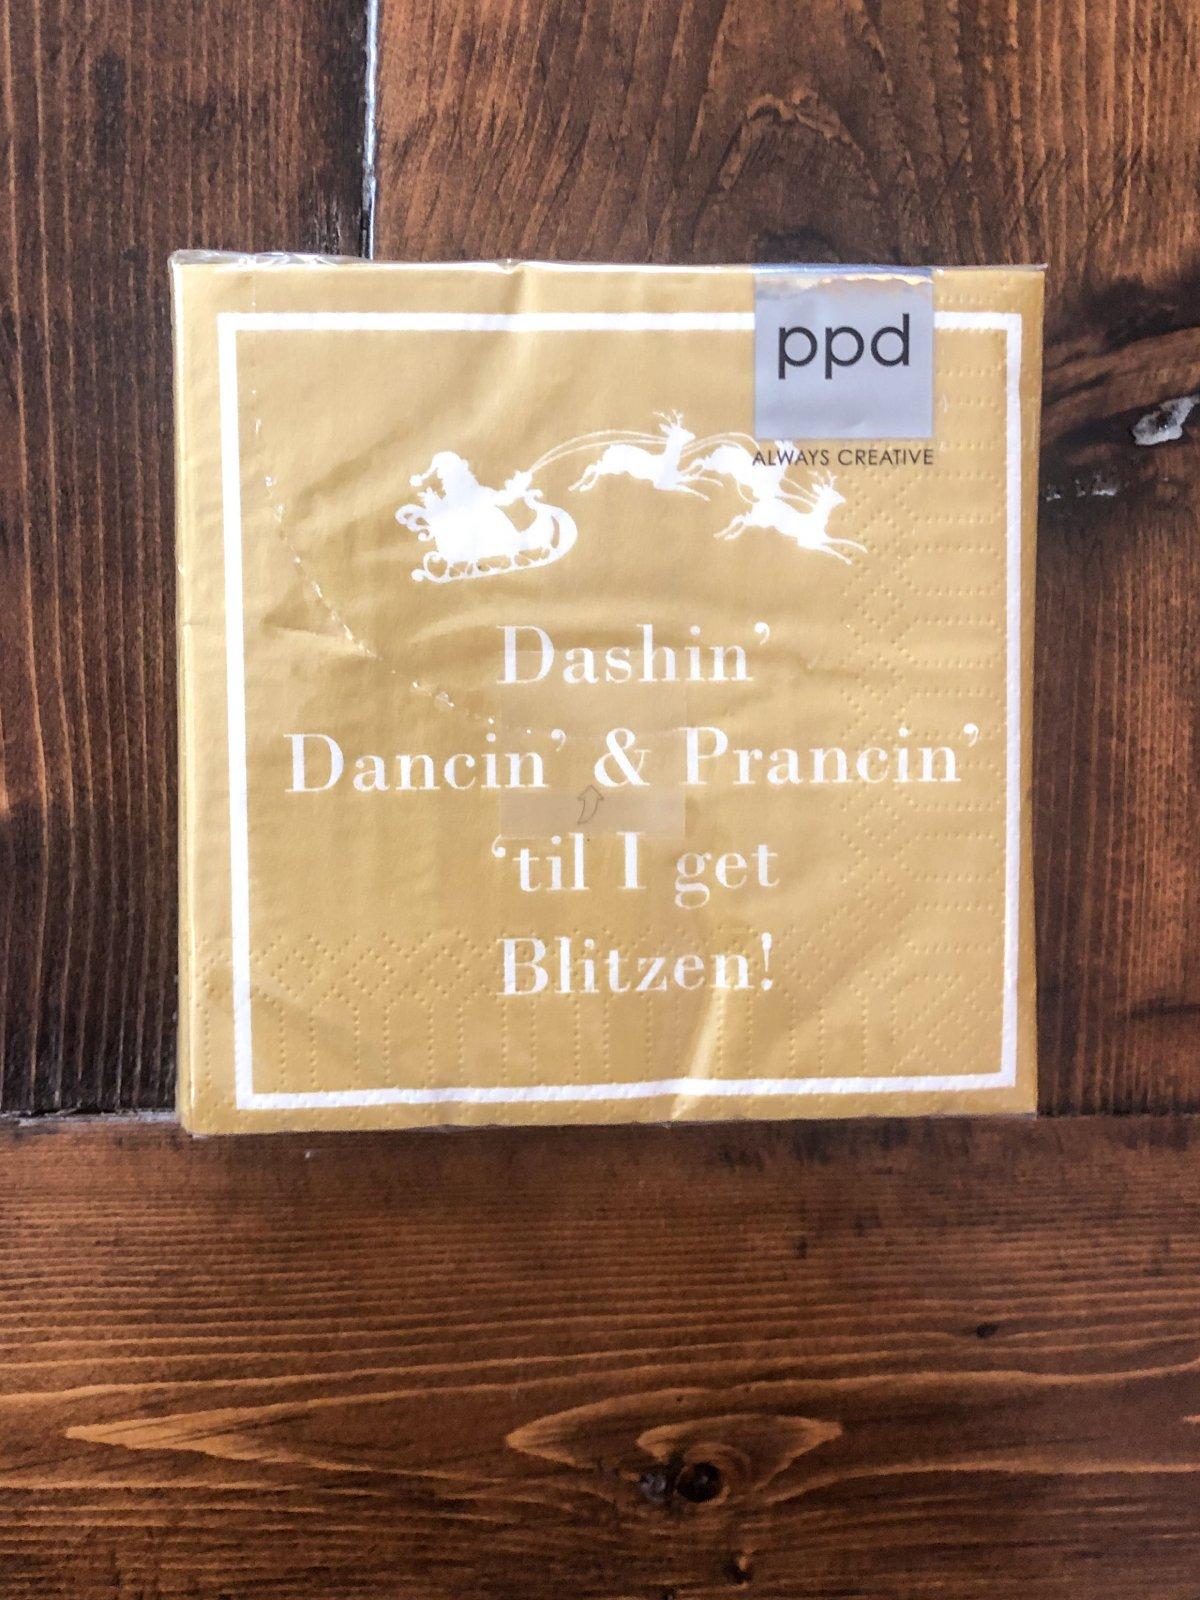 Dashin' Dancin' Prancin' Napkins